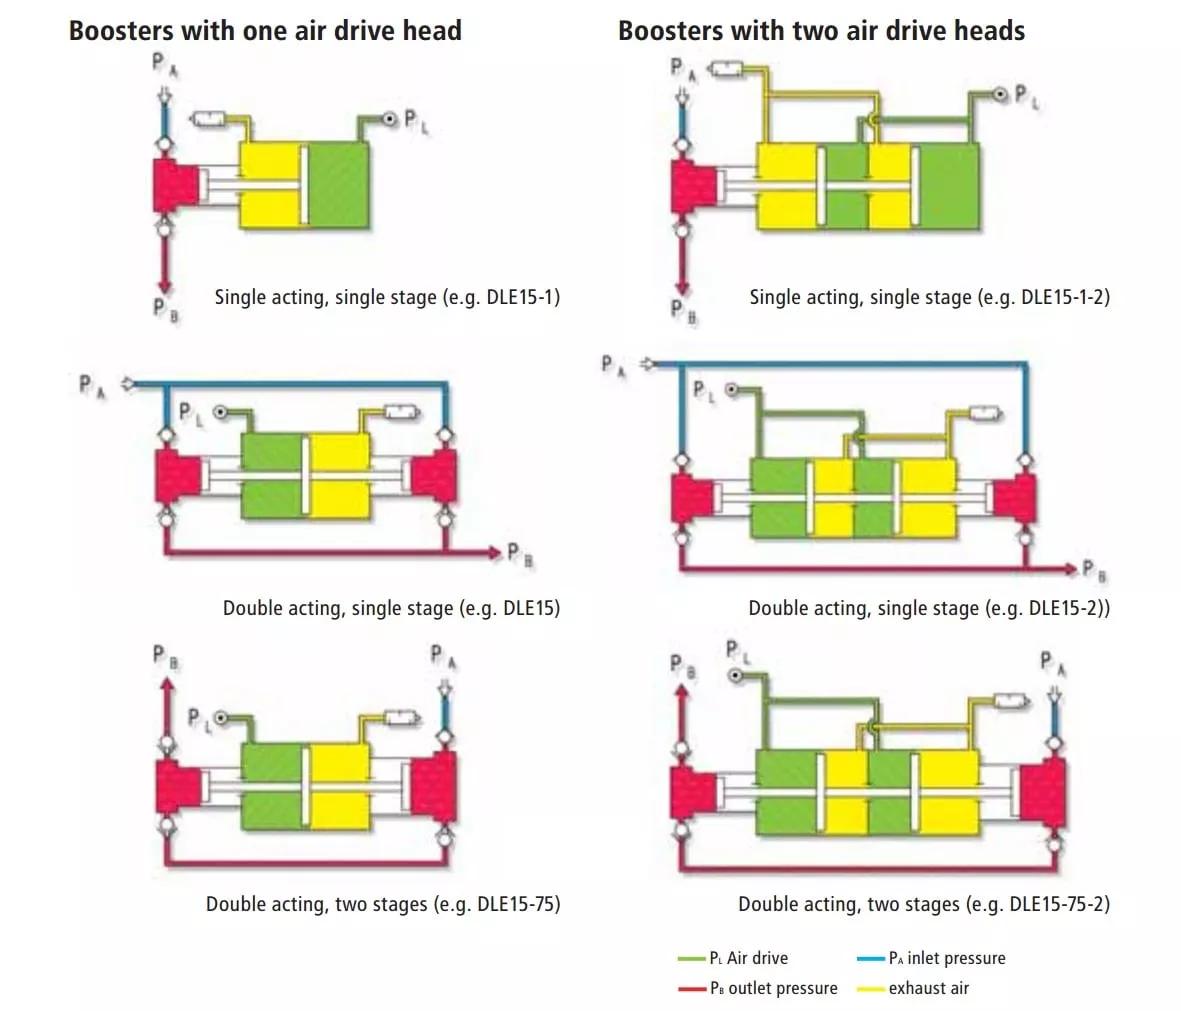 gas-booster-comparison